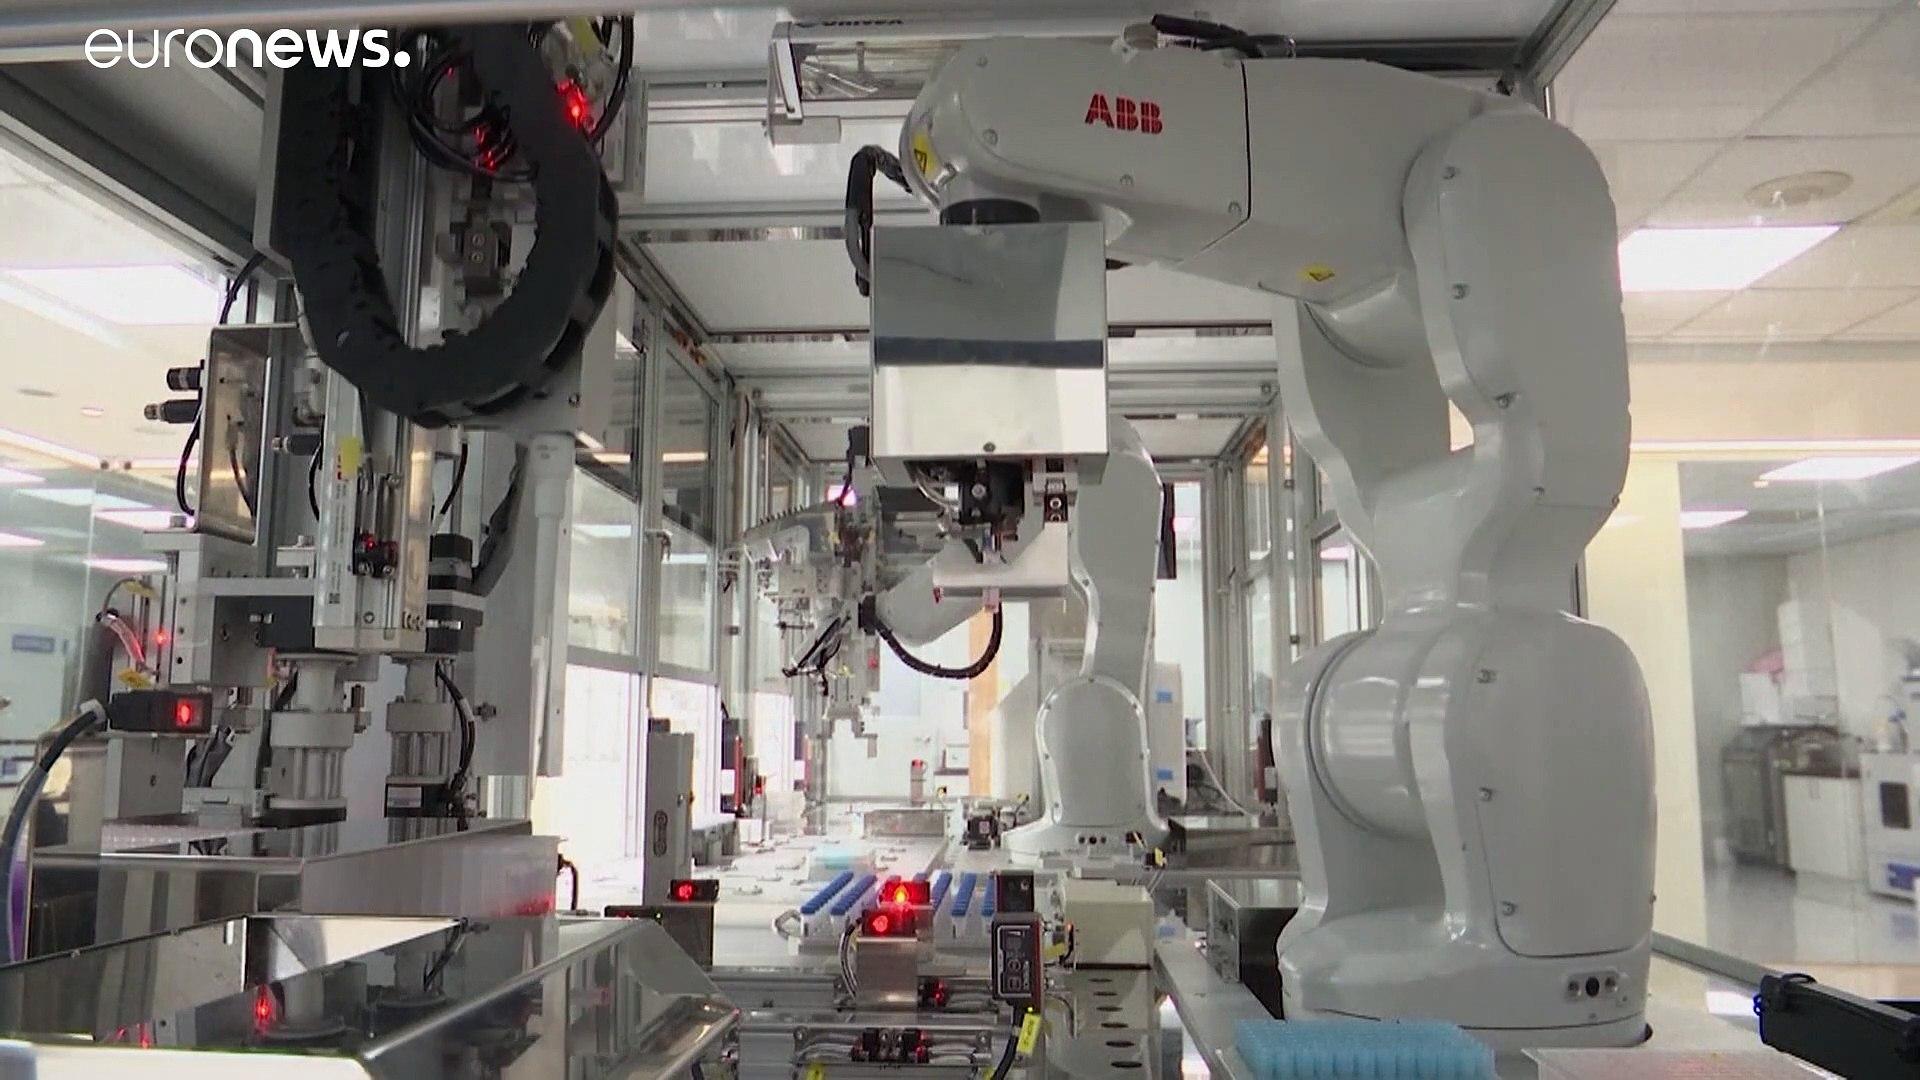 شاهد: روبوت يمكنه إكمال 2000 اختبار كوفيد-19 في اليوم الواحد